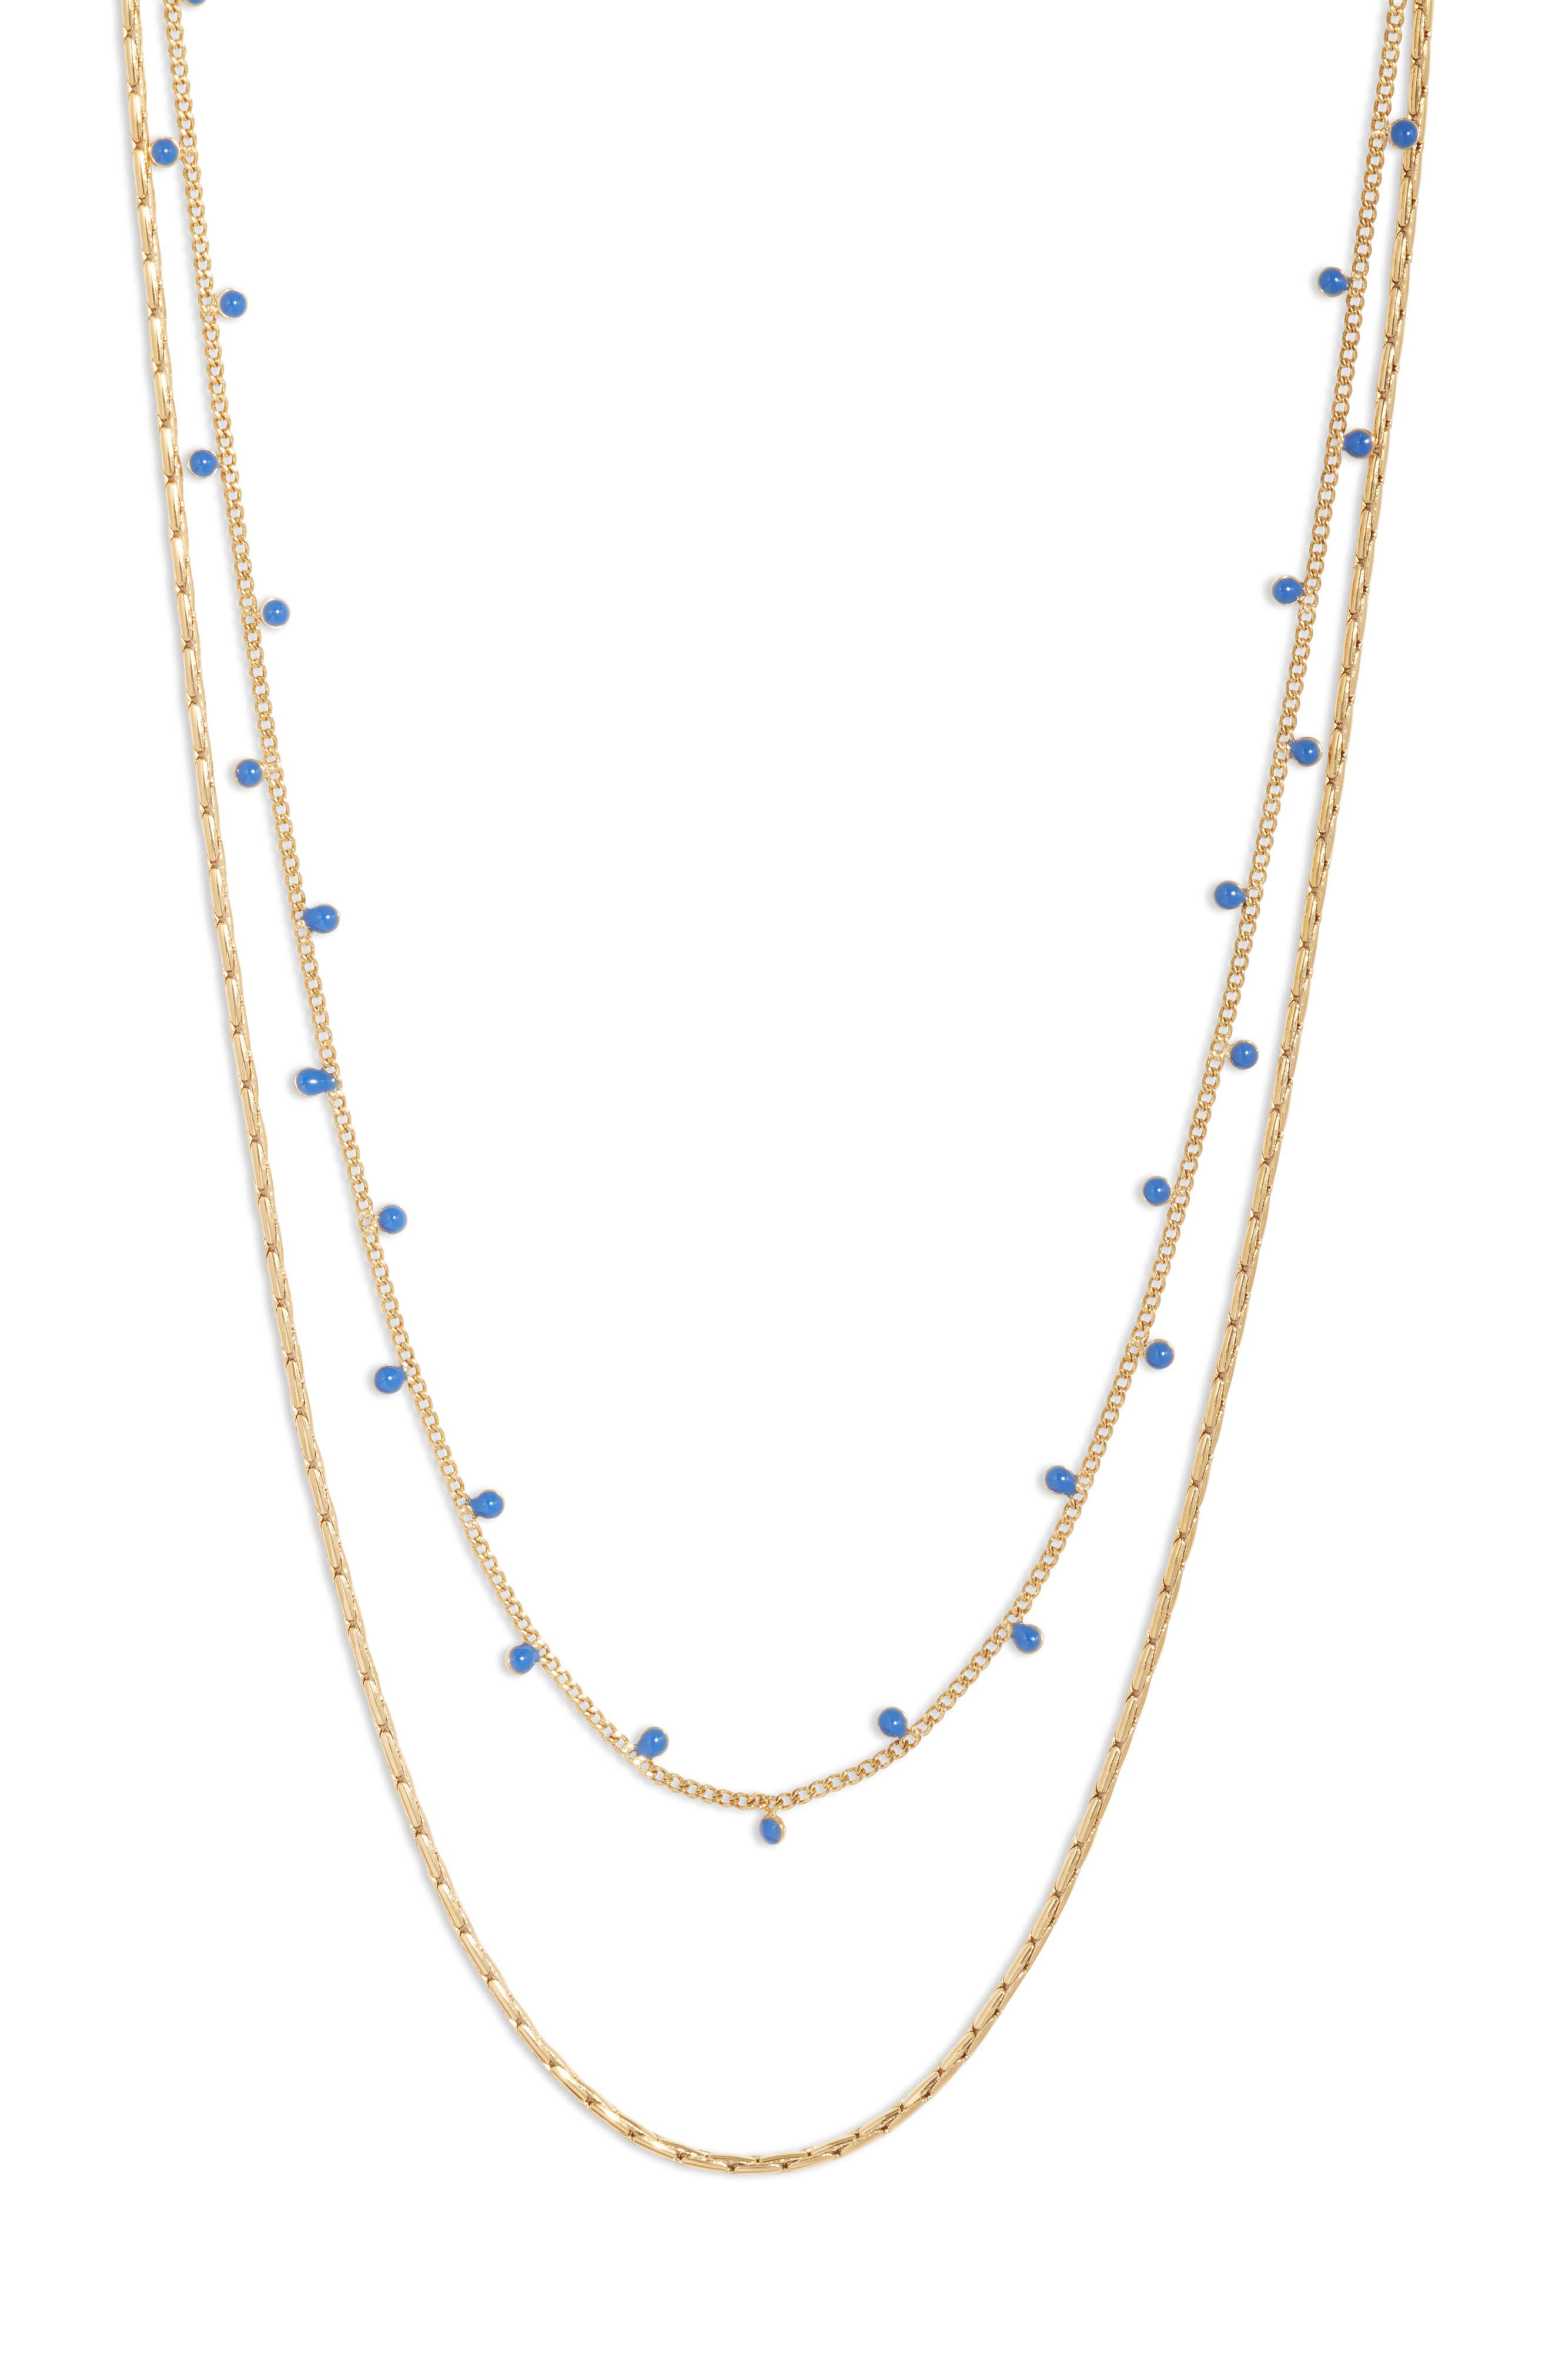 Modri Double Strand Necklace